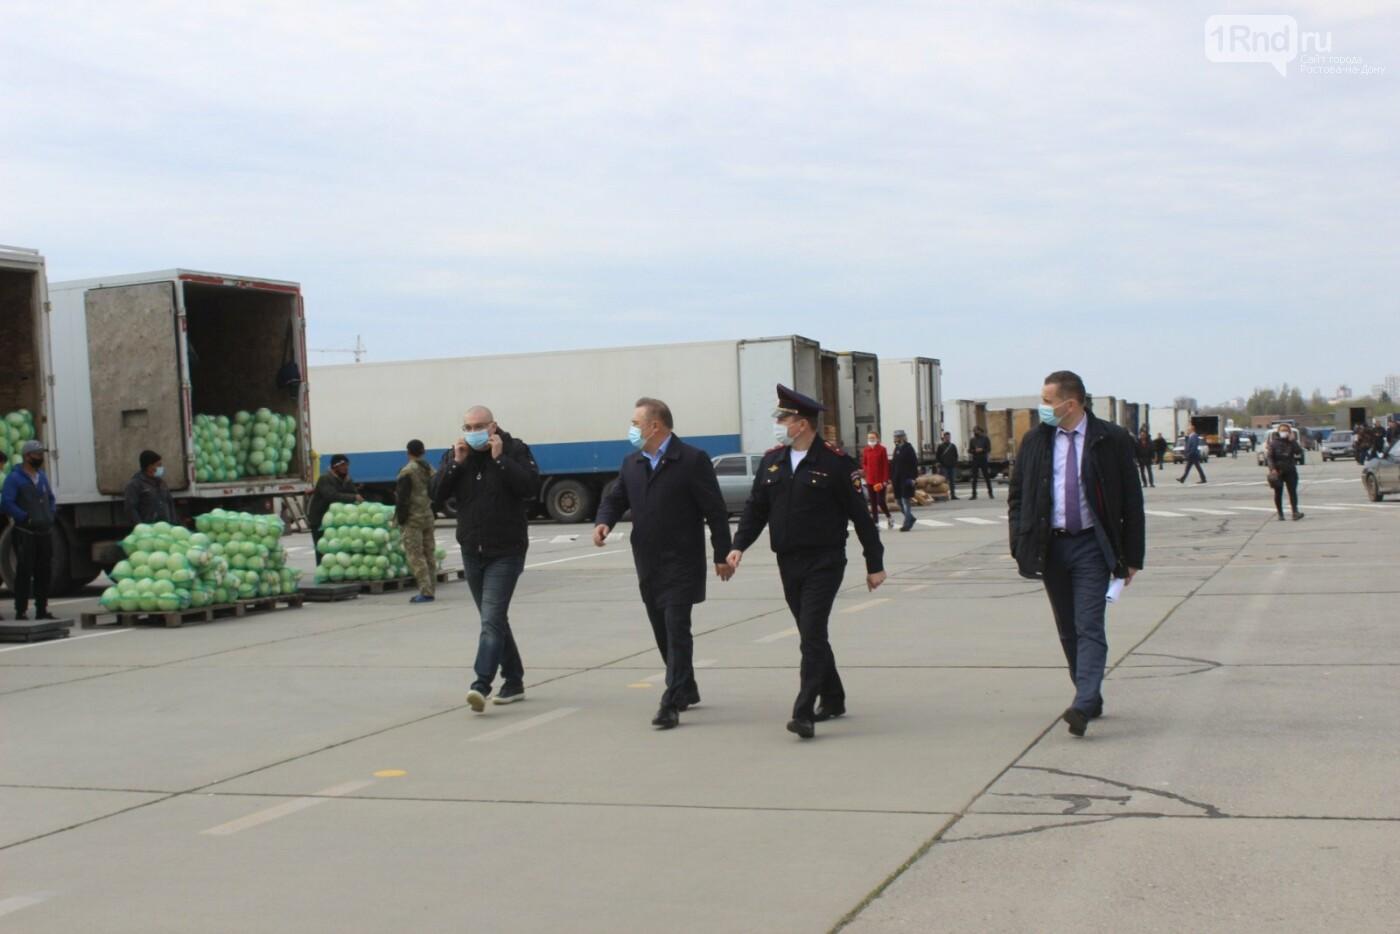 На взлётке старого аэропорта Ростова начали торговать овощами, Фото - пресс-служба губернатора РО